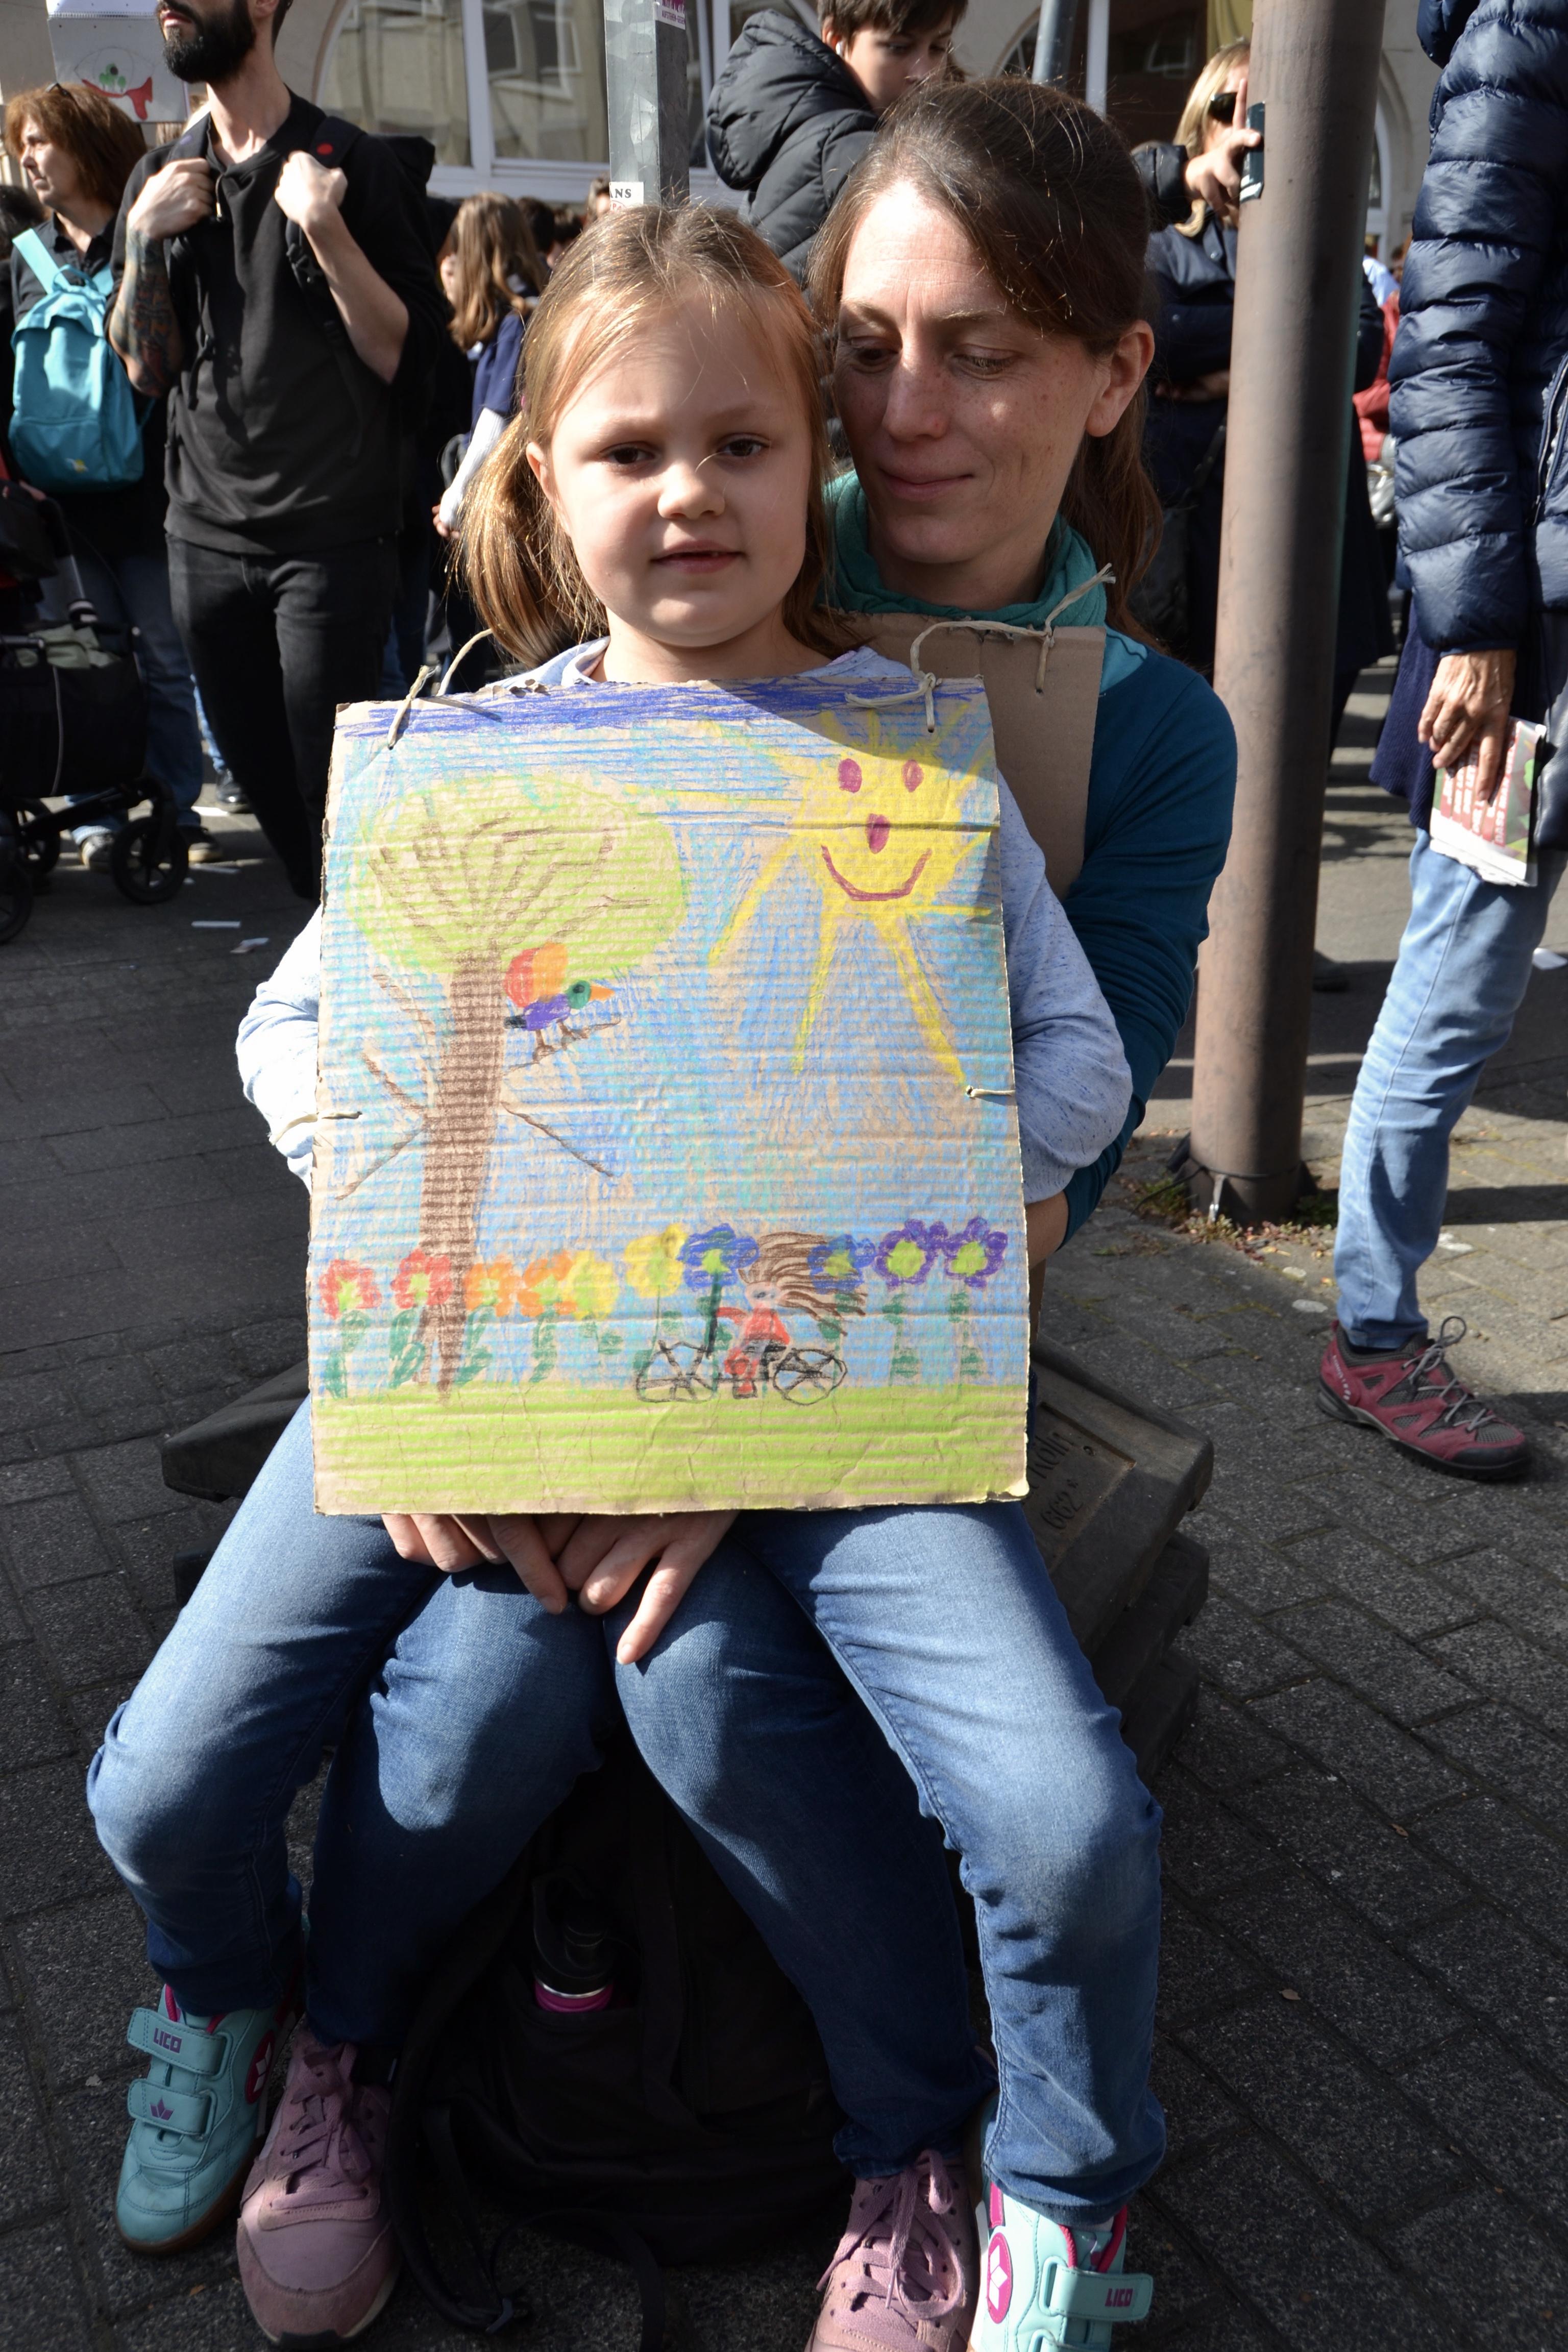 Ein Mädchen zeigt ihr auf Pappe gemaltes Bild mit einem Baum, einer freundlichen Sonne, Blumen und Schmetterlingen. Es sitzt auf dem Schoß seiner Mutter, die in der Sonne zwischen umherlaufenden Menschen auf einem Hocker sitzt.